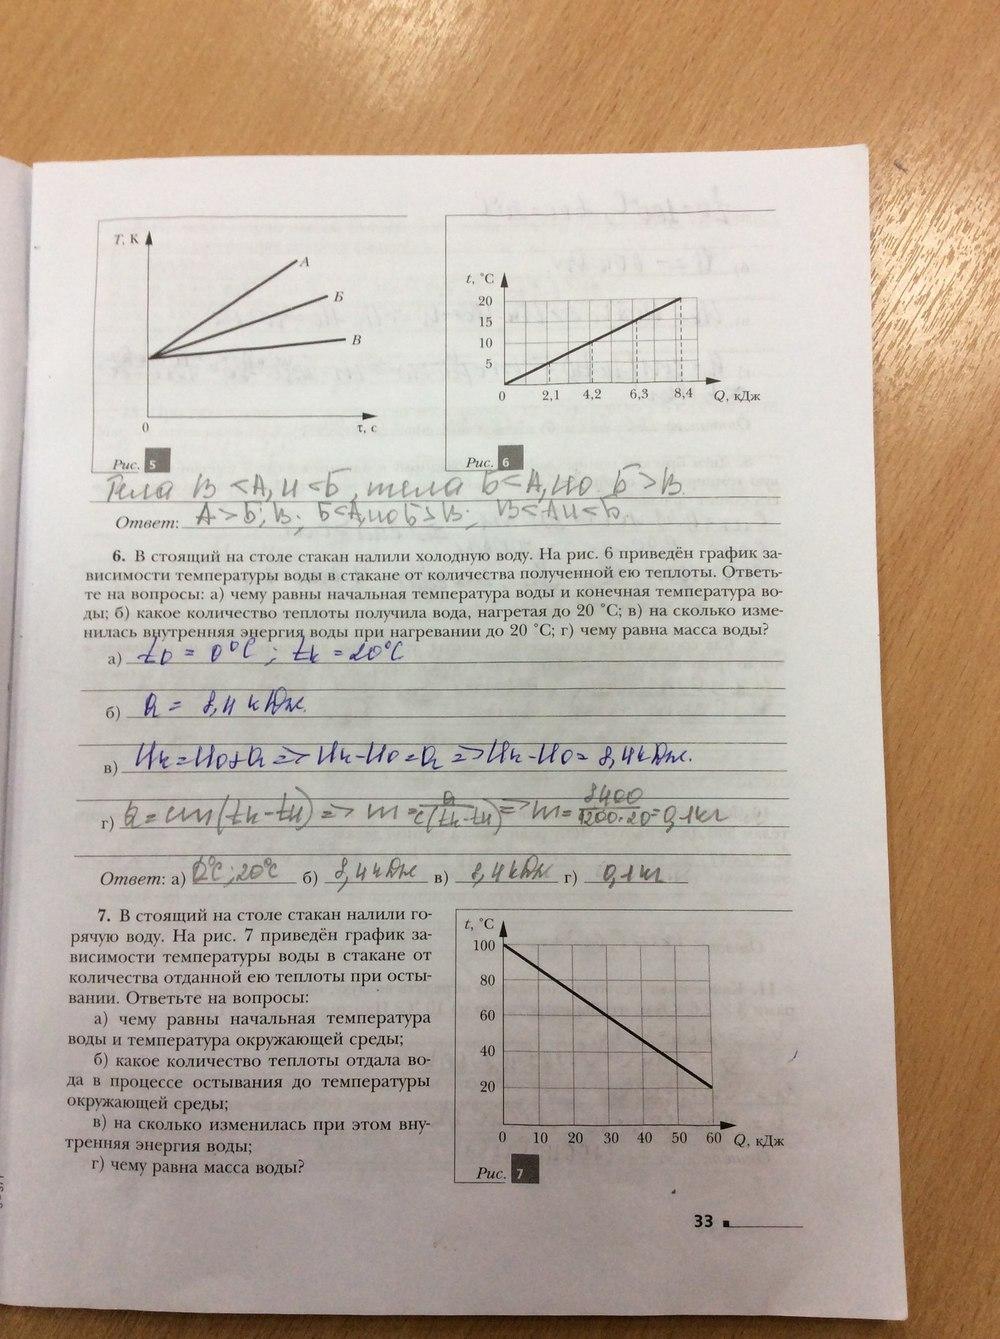 физика 8 класс грачев pdf